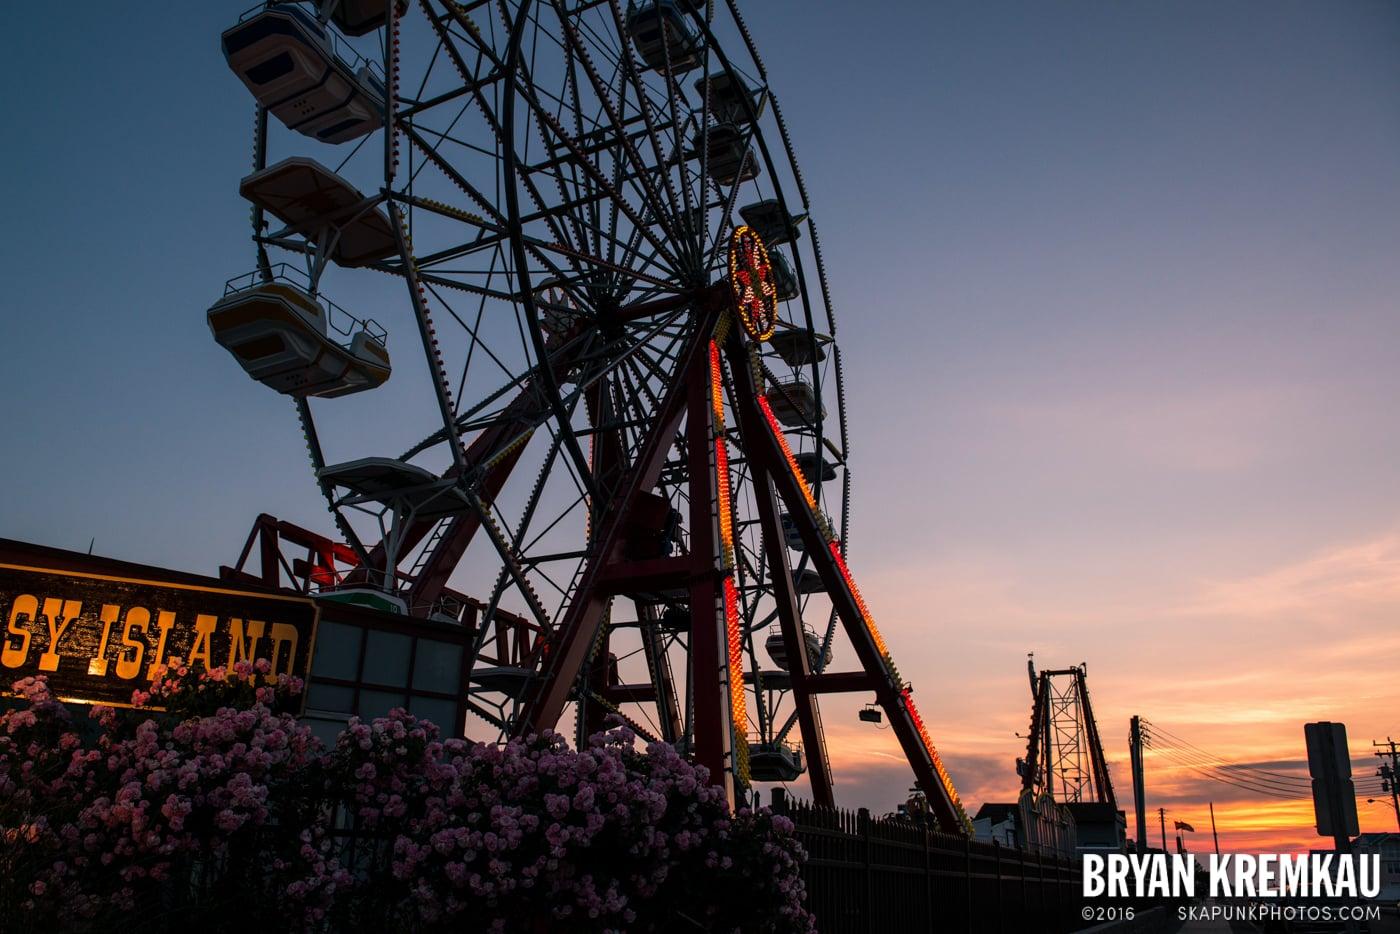 Beach Haven, Long Beach Island, NJ - 6.16.14 - 6.18.14 (77)